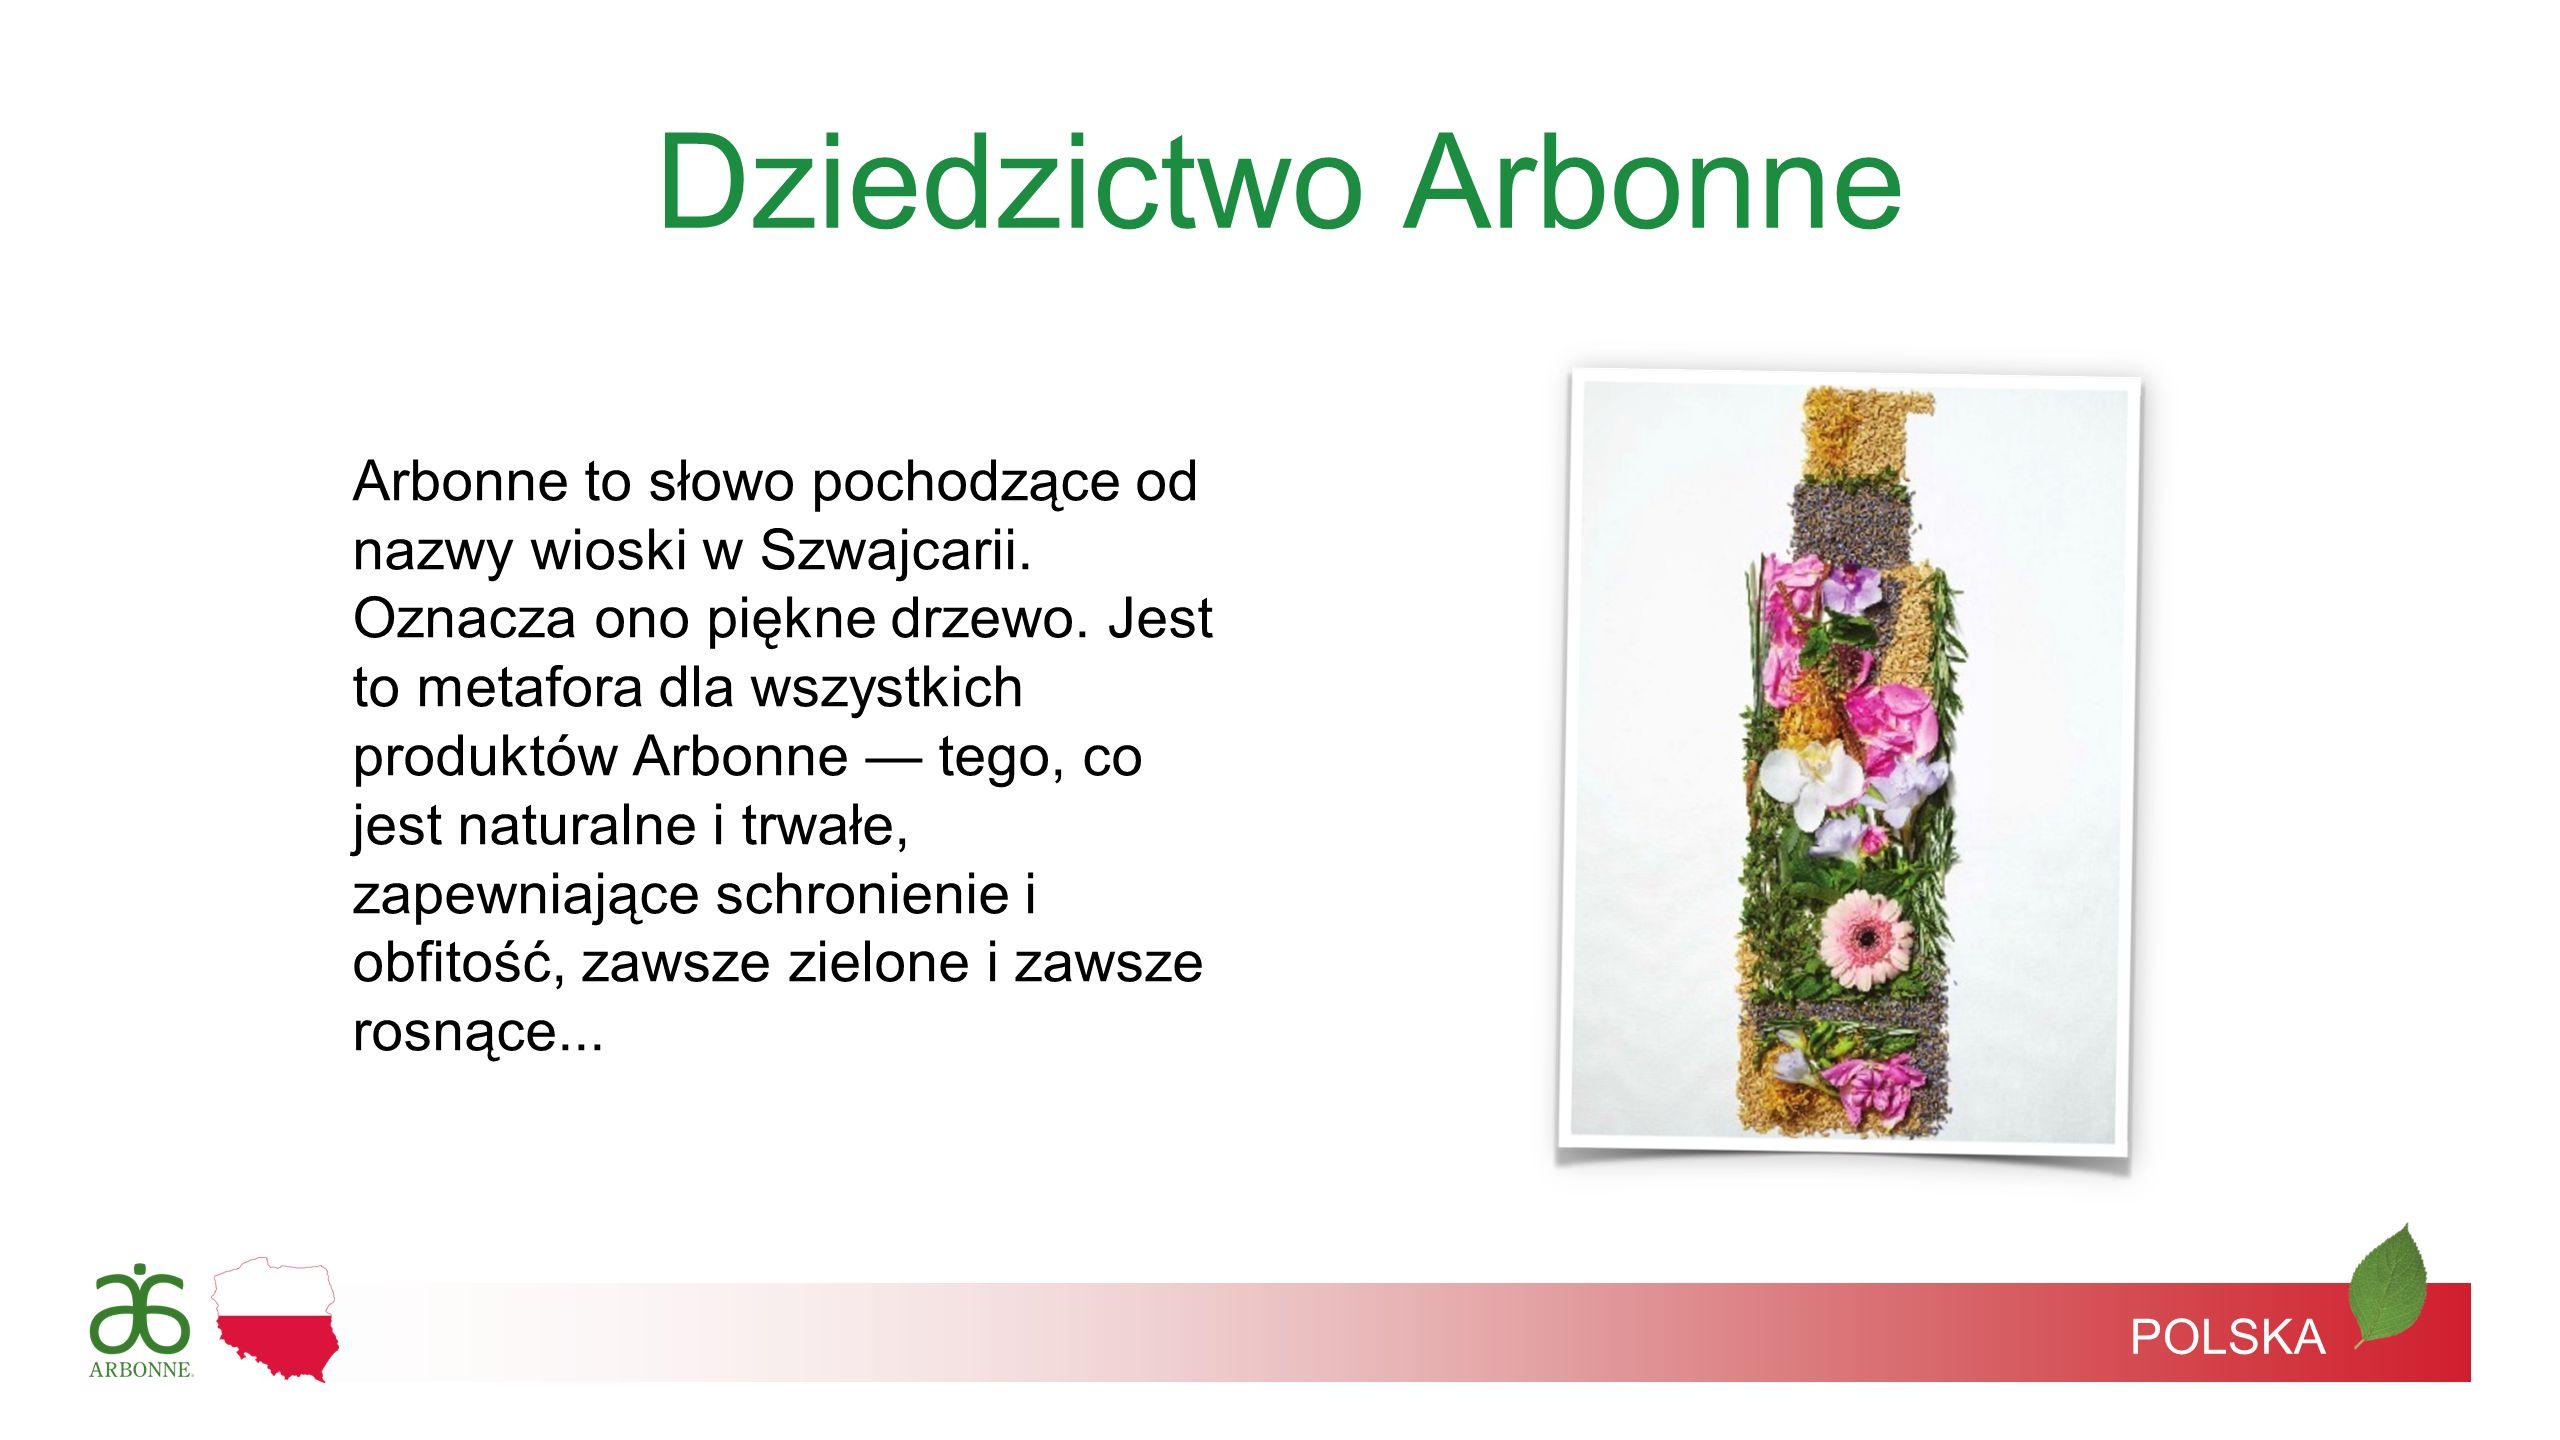 Dziedzictwo Arbonne Petter zaangażował się w pełni w realizację swojego marzenia, dzięki czemu firma Arbonne jest dzisiaj tak wyjątkowa.